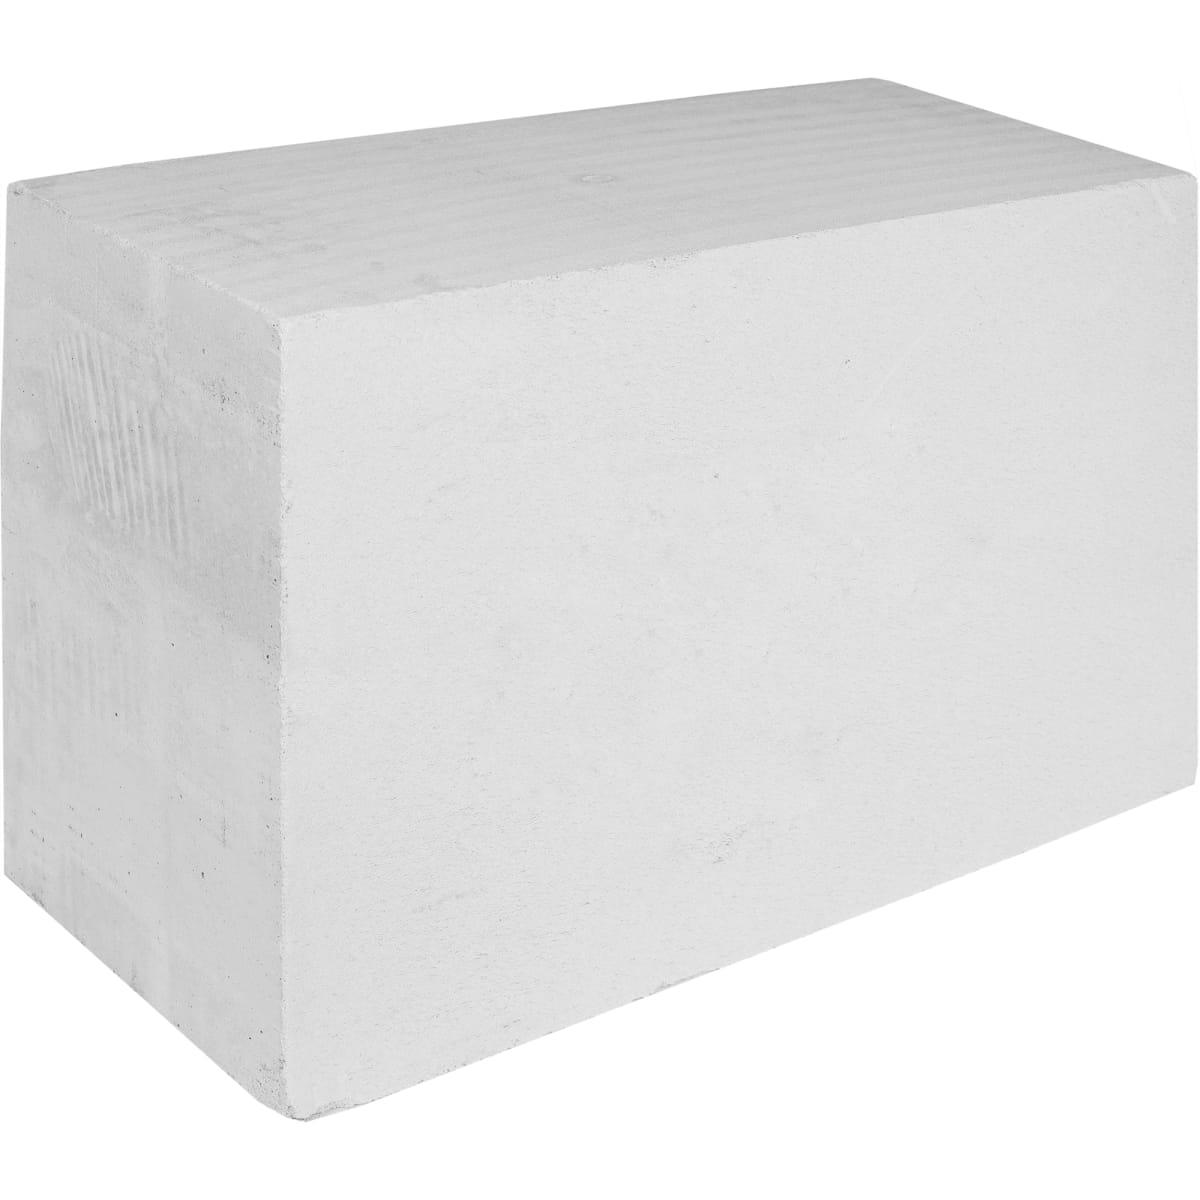 Блок газобетонный Bonolit D500 600х250х400 мм